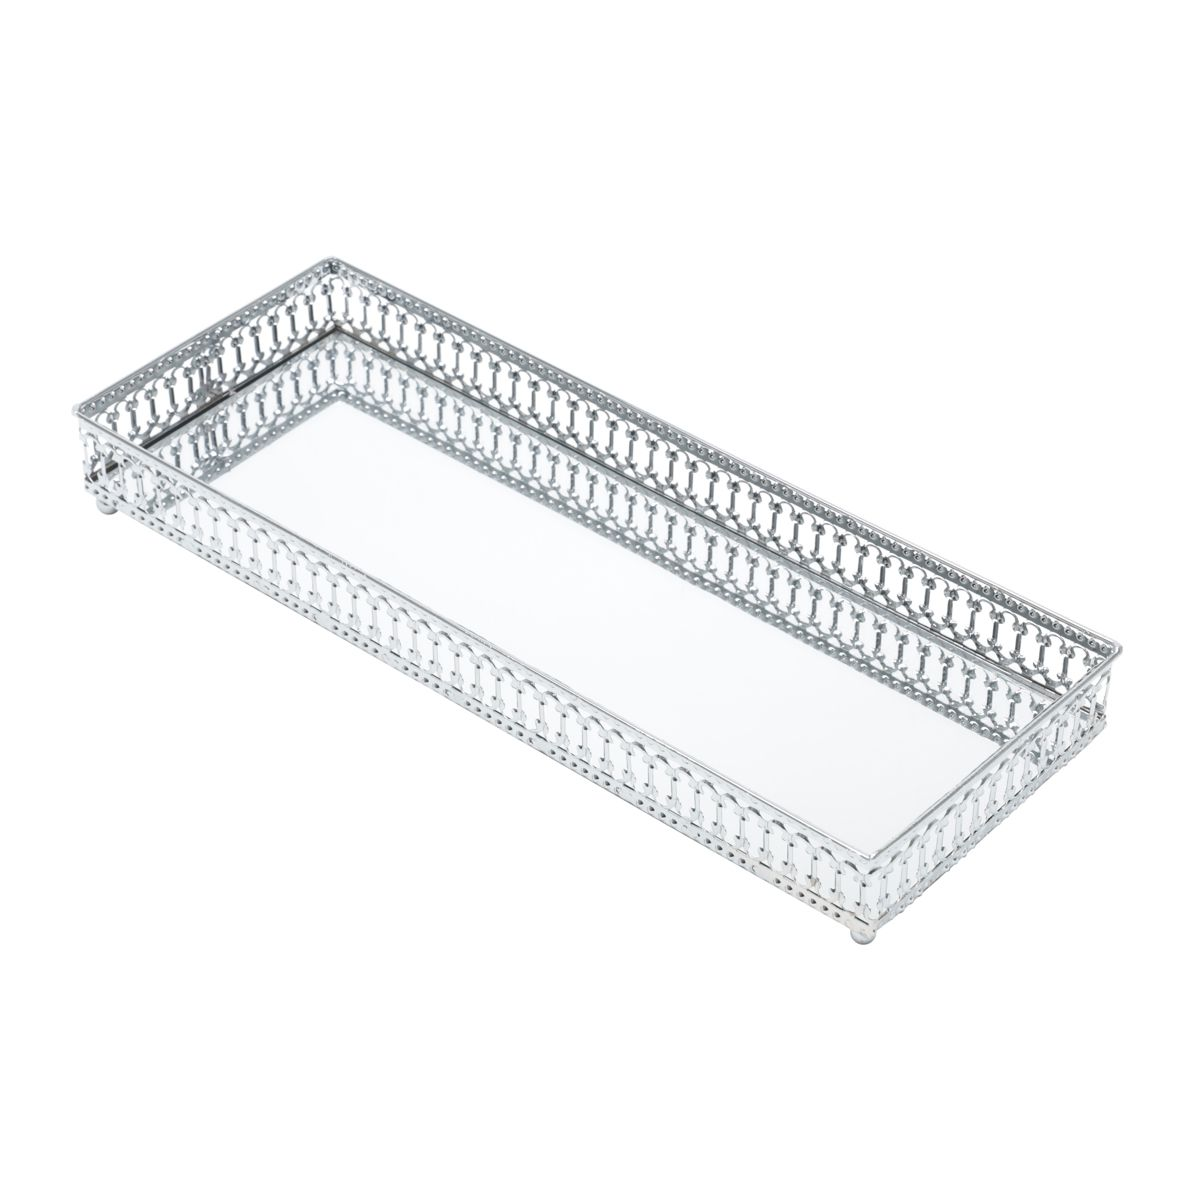 Bandeja Prata Retangular Maior 30 x 11 x 3,5 cm